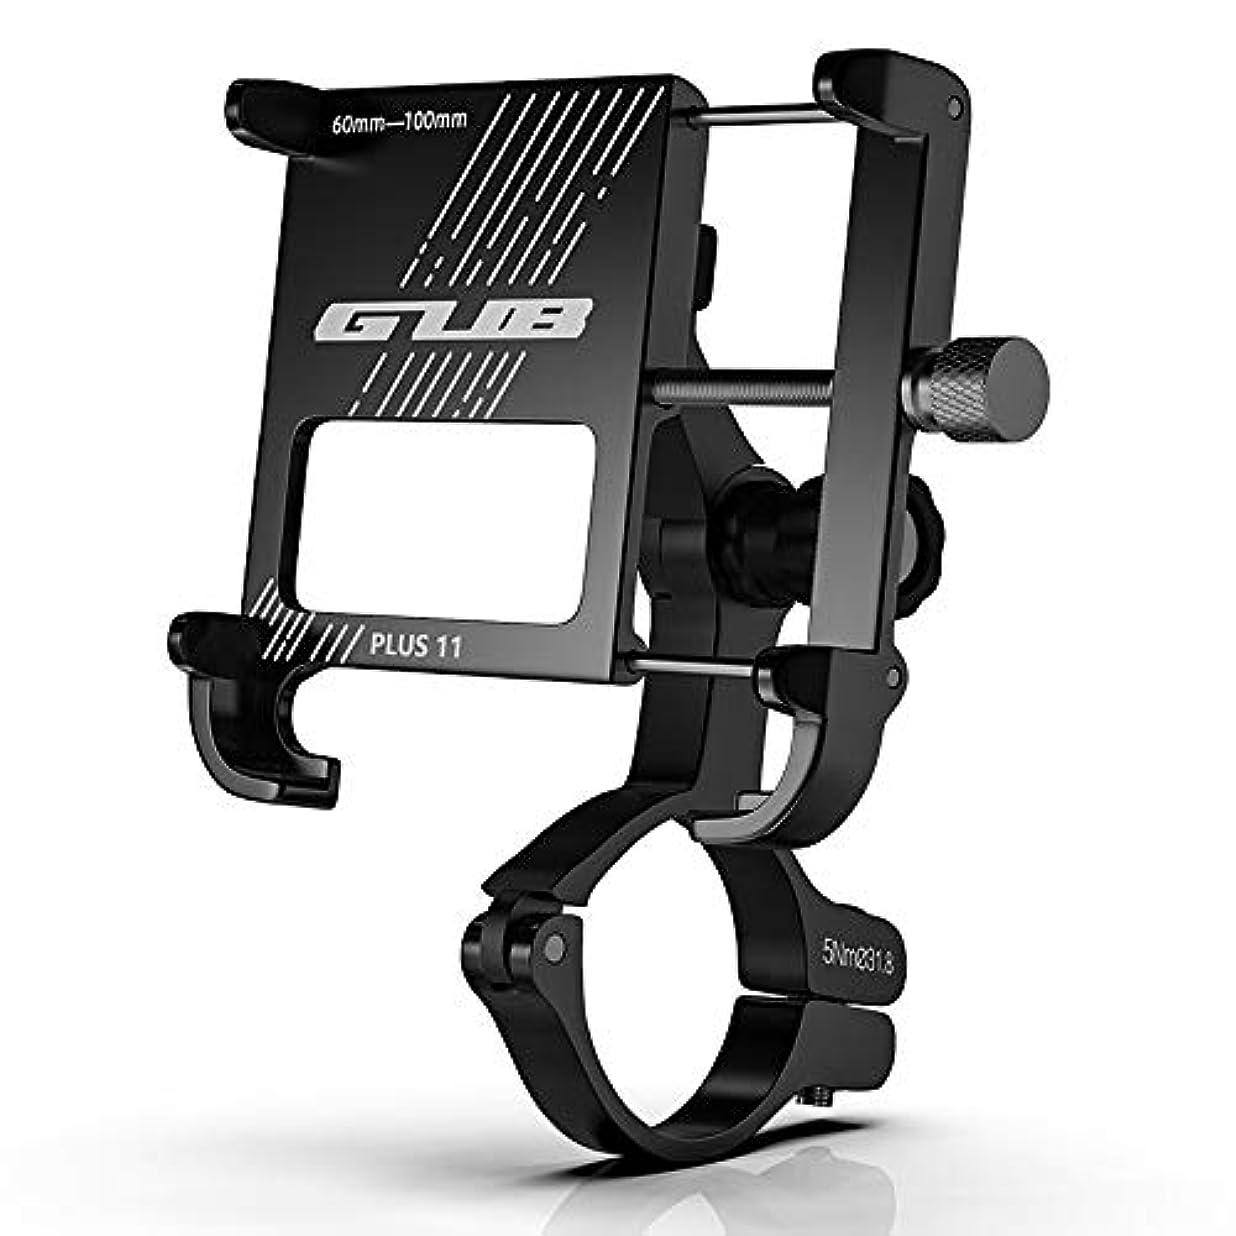 封建サスペンド終了するLixada【2020最新型】バイク スマホ ホルダー ロードバイク スタンド アルミ製 360度回転可能 GPS 4~6.5インチIphone Androidなど多機種対応(副2.4  -3.9 ) ハンドル直径 31.8mm/25.4mm/22.2mm 自転車 携帯ホルダー